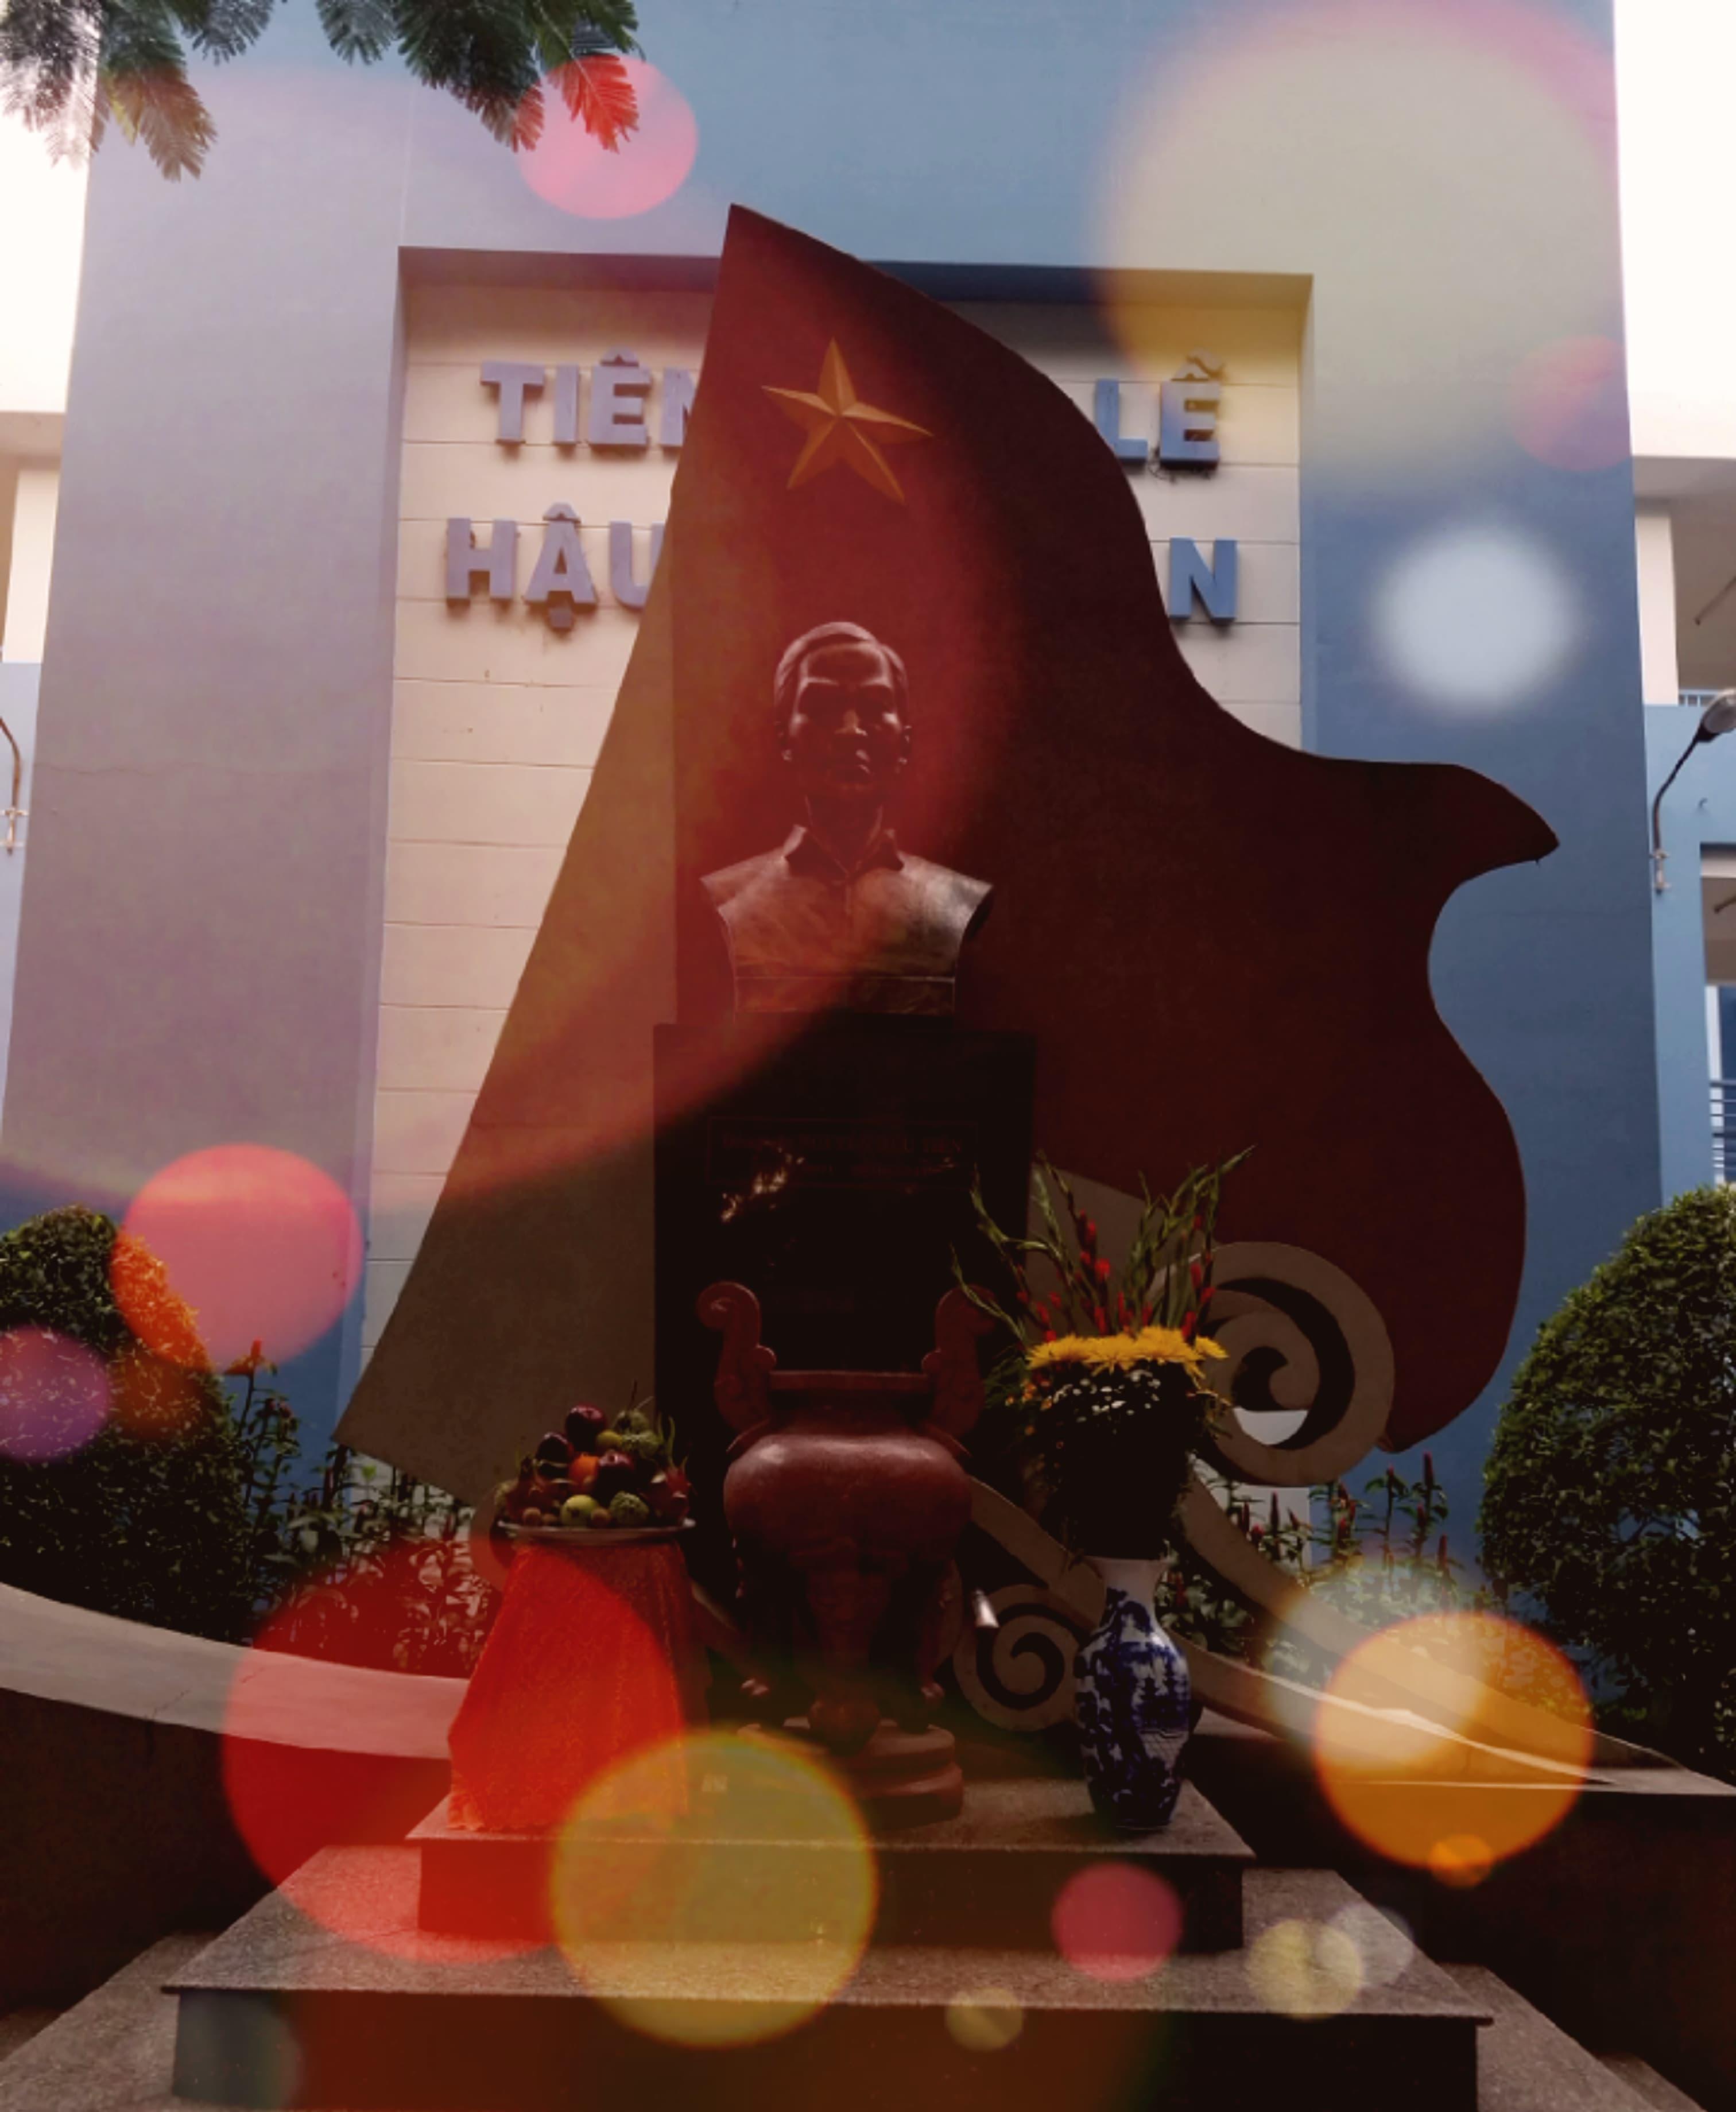 LỄ DÂNG HƯƠNG TƯỞNG NIỆM 77 NĂM NGÀY MẤT CỦA ĐỒNG CHÍ NGUYỄN HỮU TIẾN. (28/8/1941- 28/8/2018)